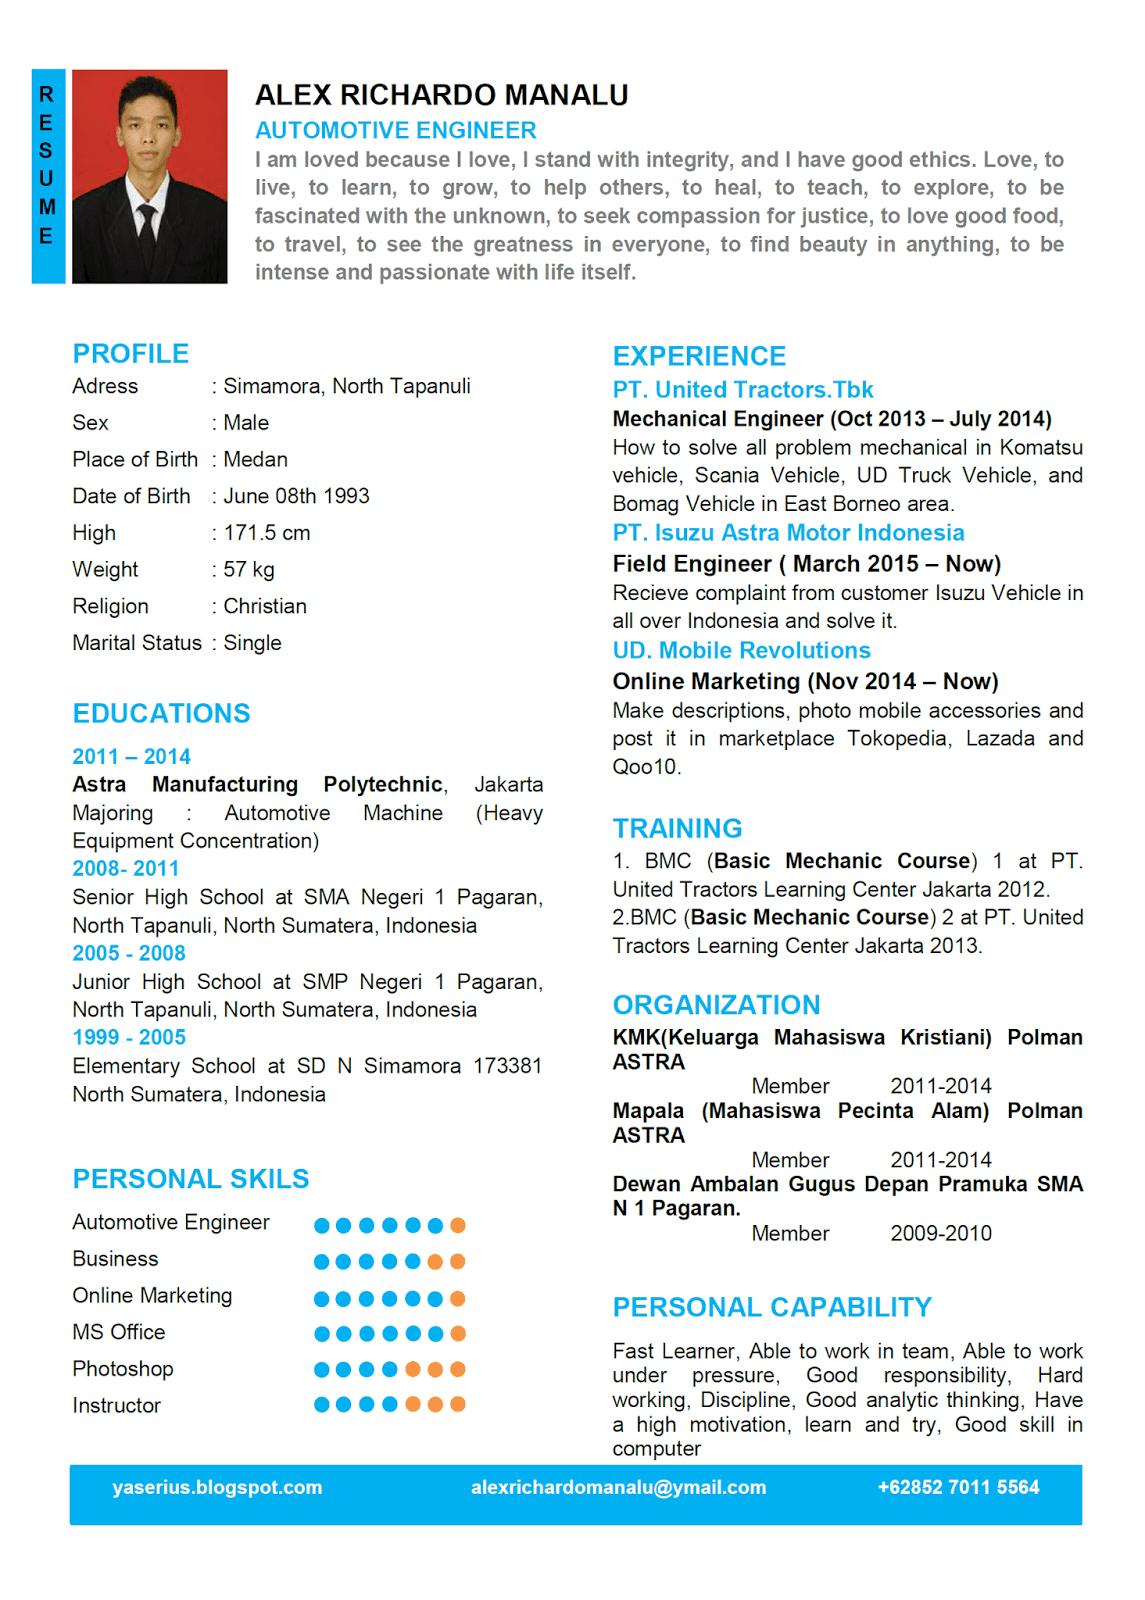 Contoh CV Dalam Bahasa Inggris Menarik dan Terbaru